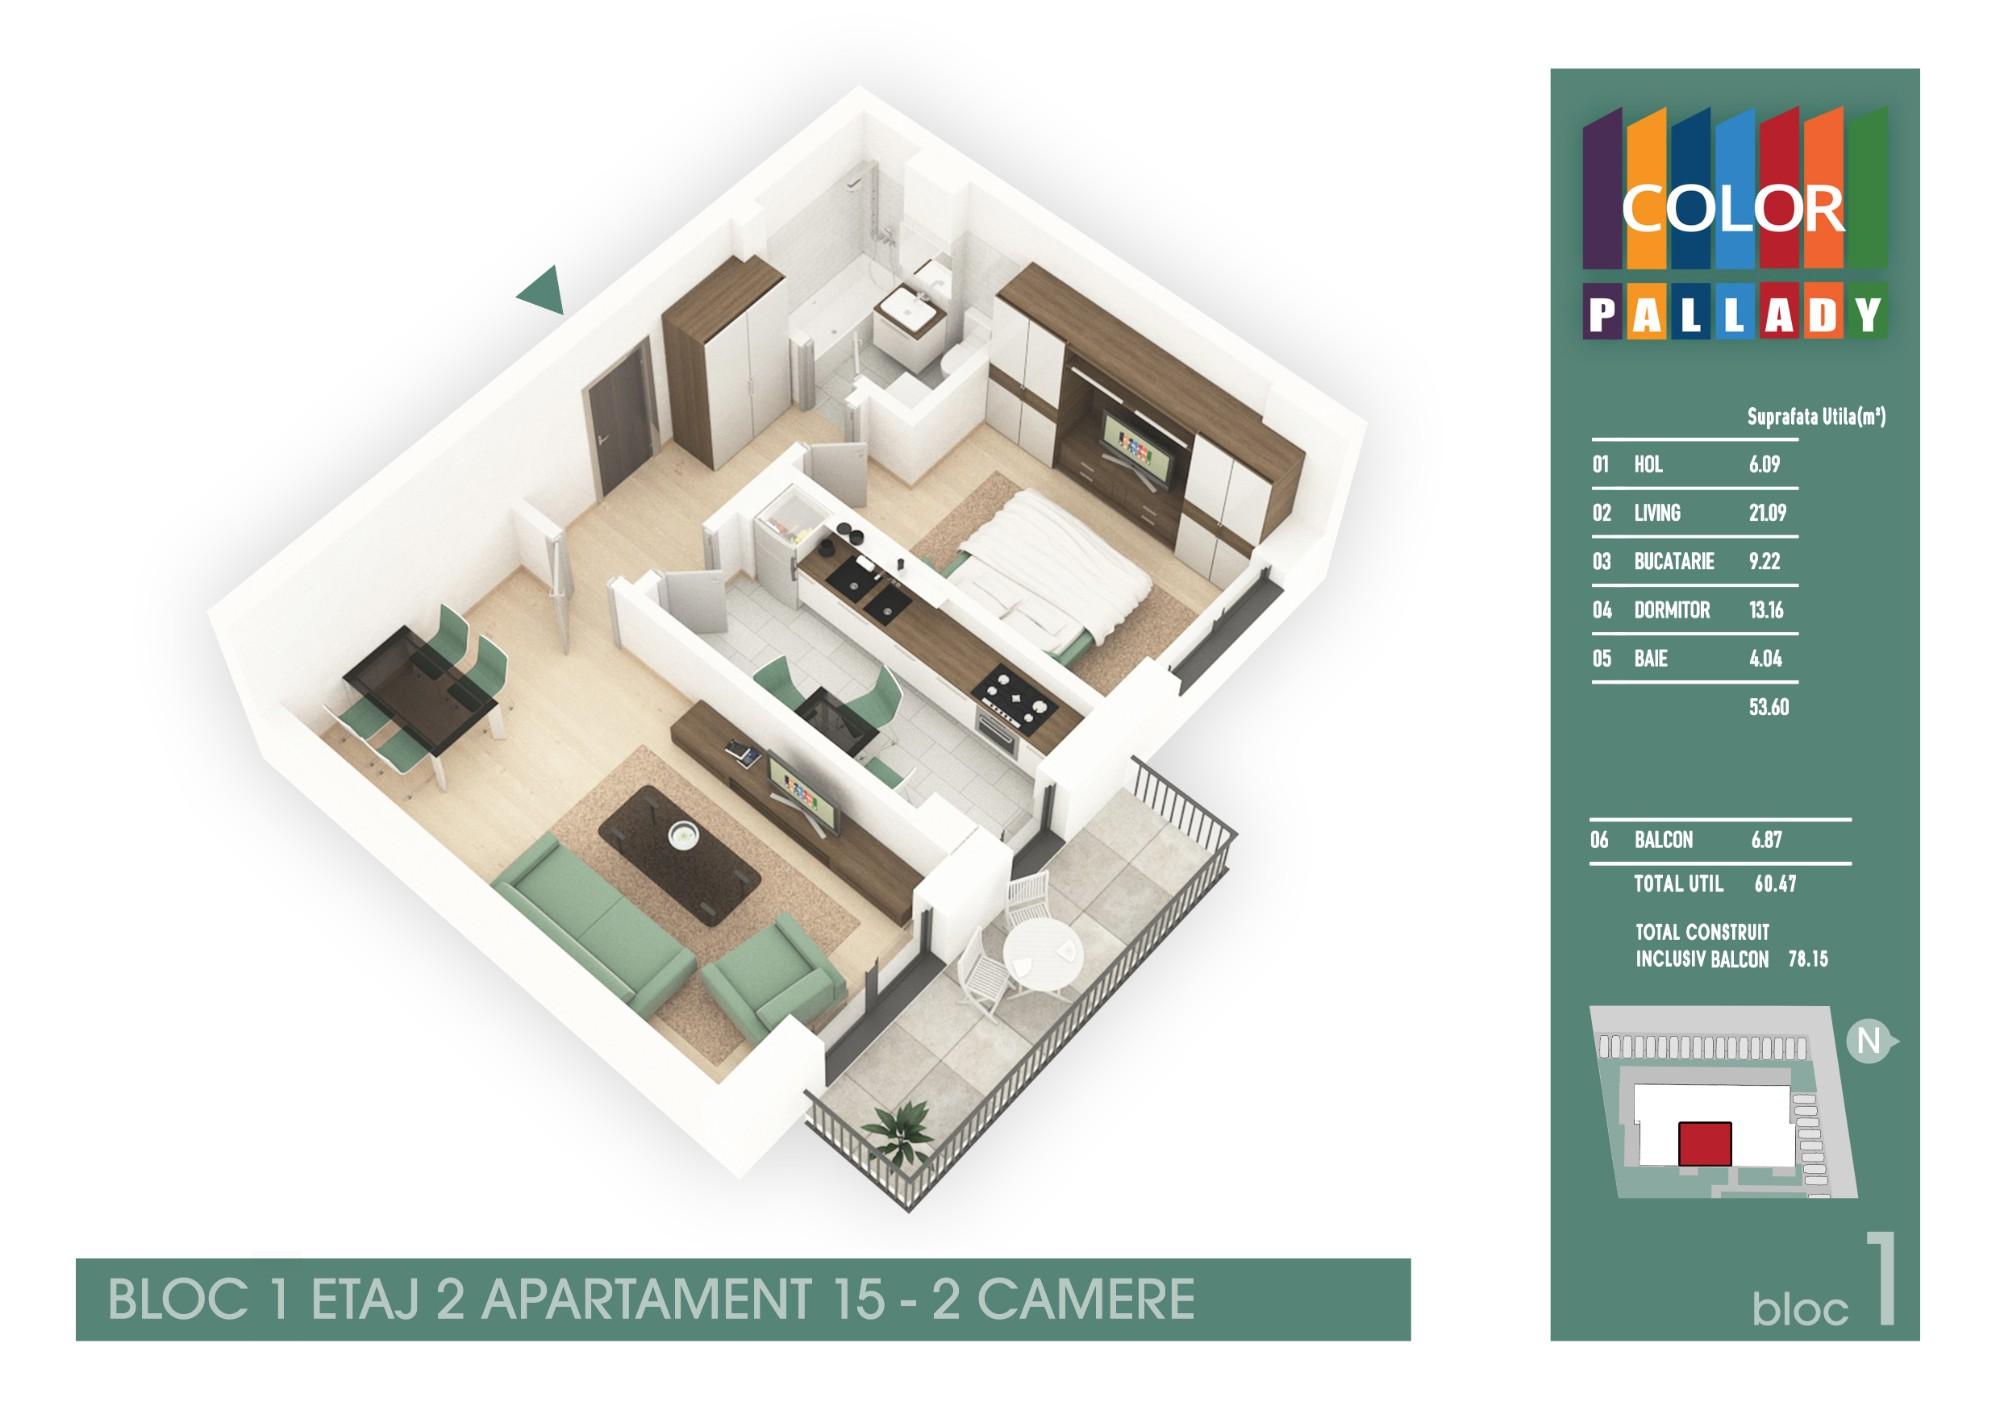 Bloc 1 - Etaj 2 - Apartament 15